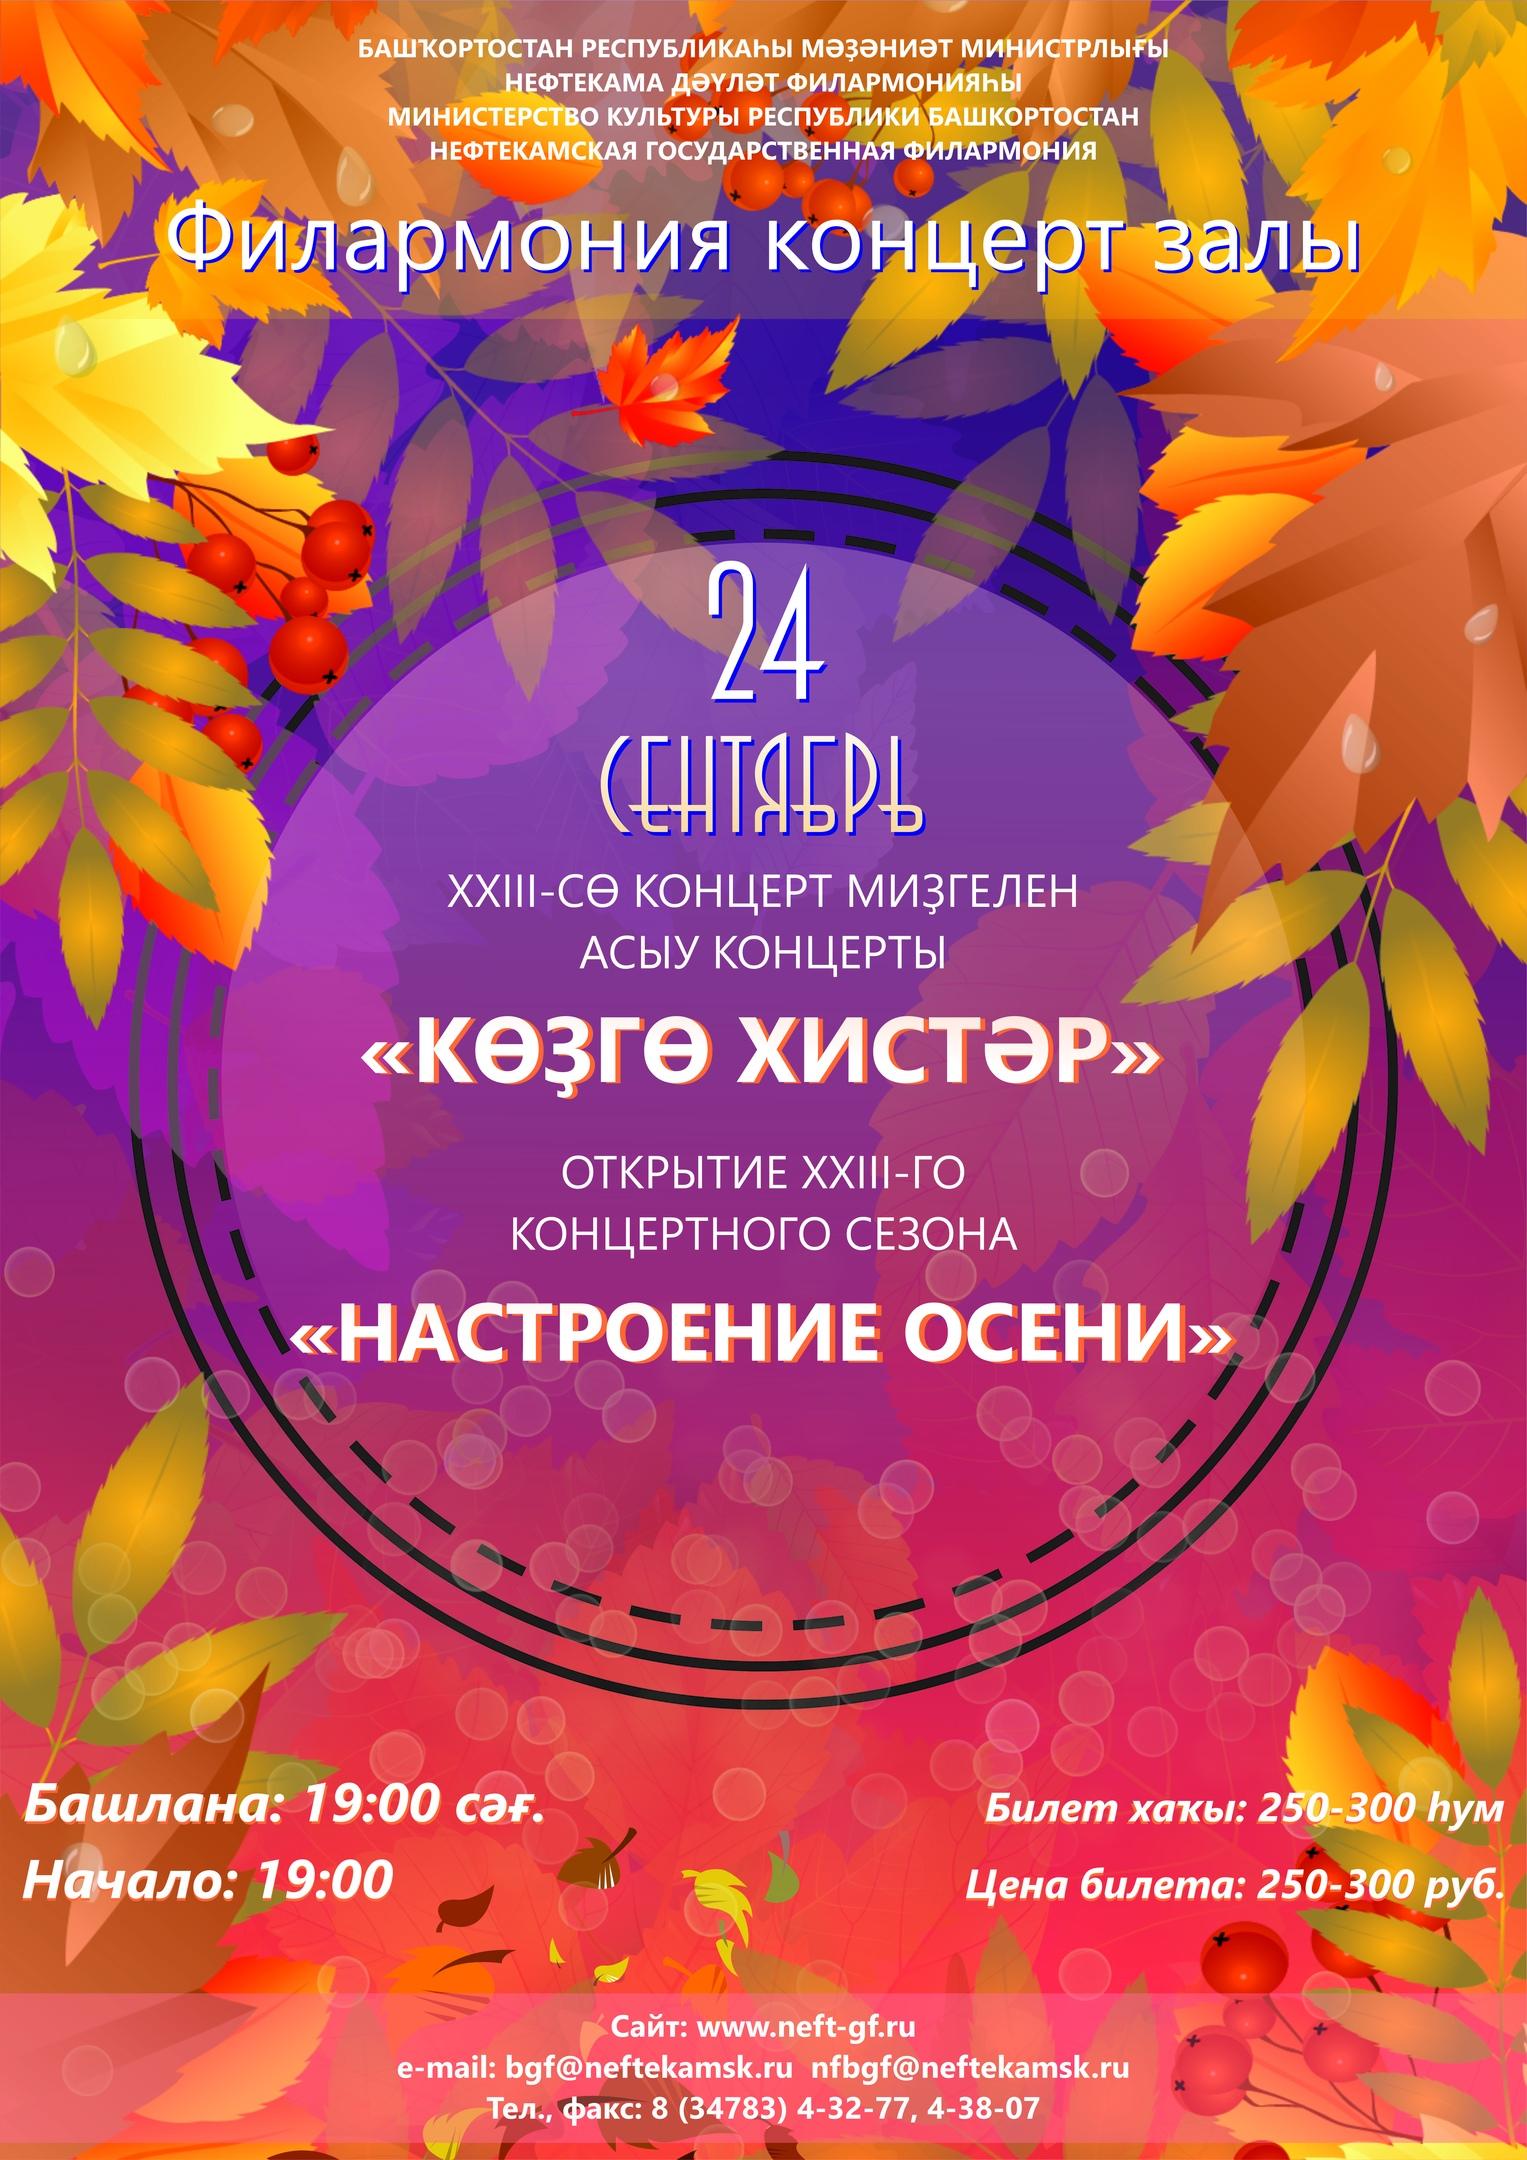 Открытие XXIII концертного сезона